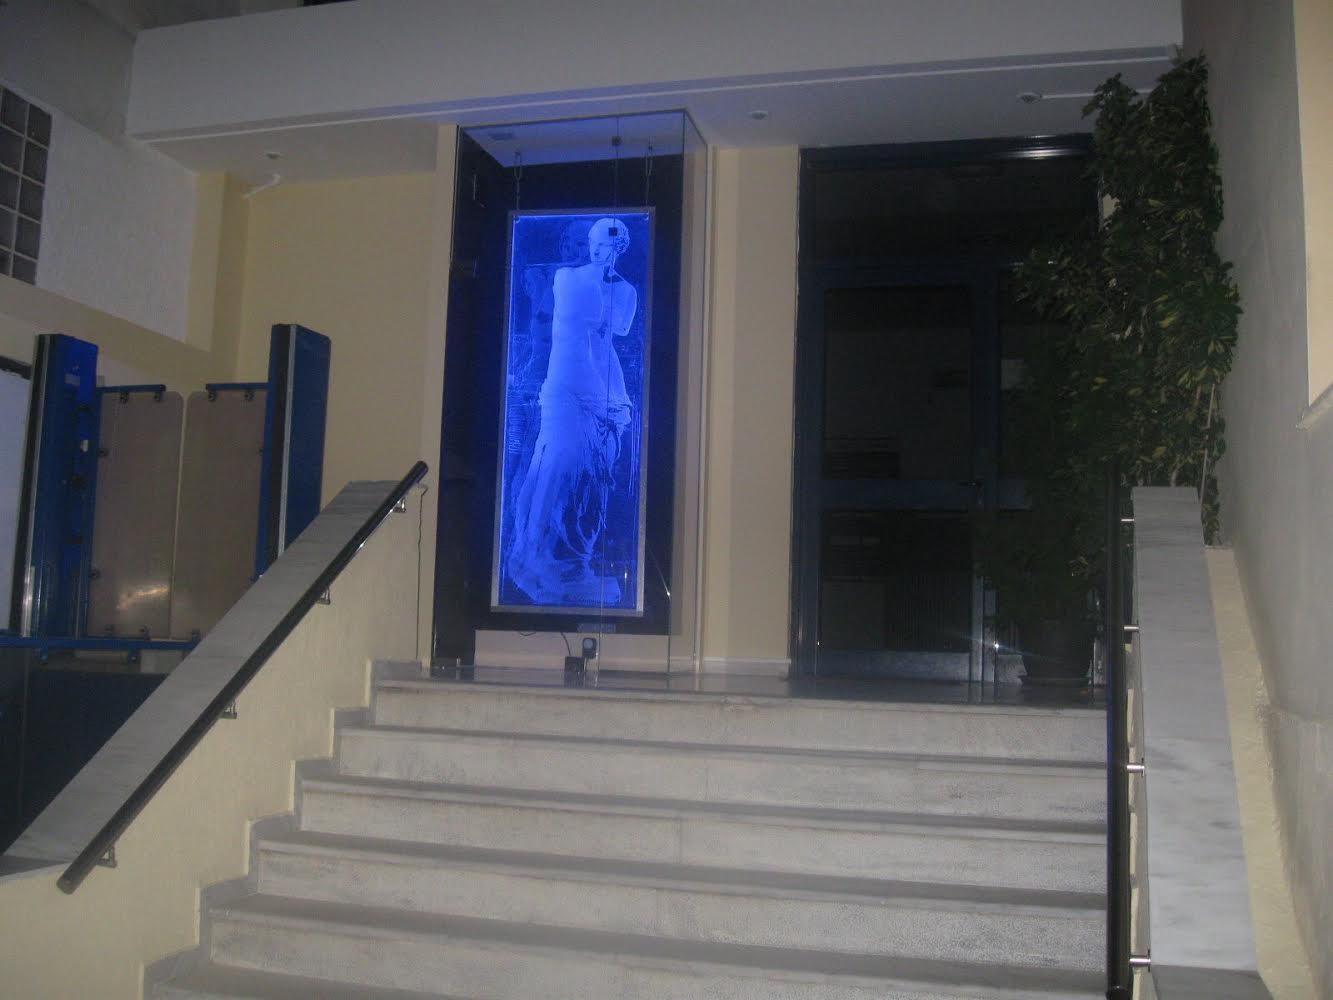 Εγκαταστάθηκε απόψε η όμορφη Αφροδίτη στο Δημαρχείο Αλίμου